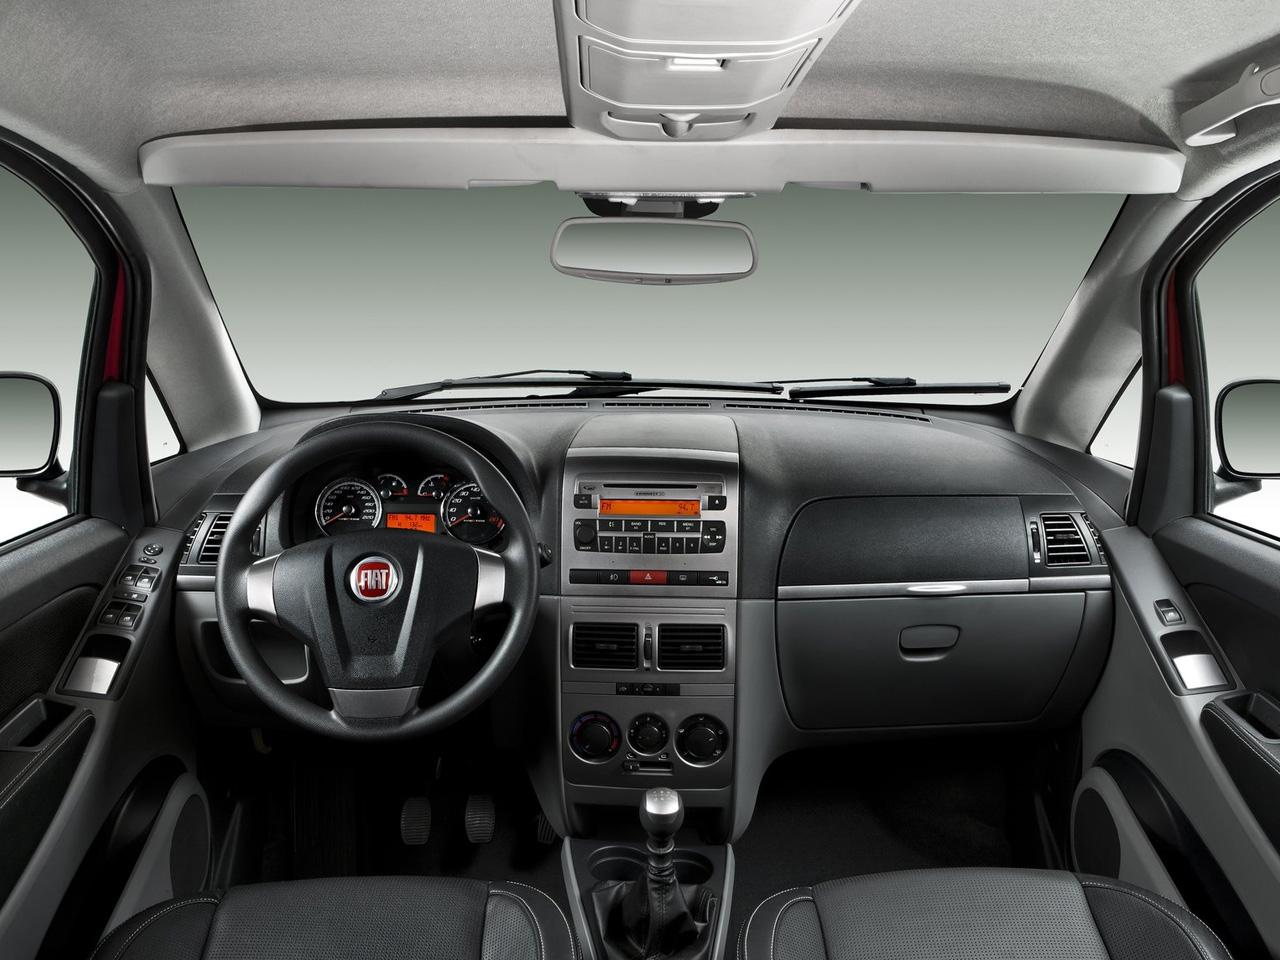 FIAT IDEA interior